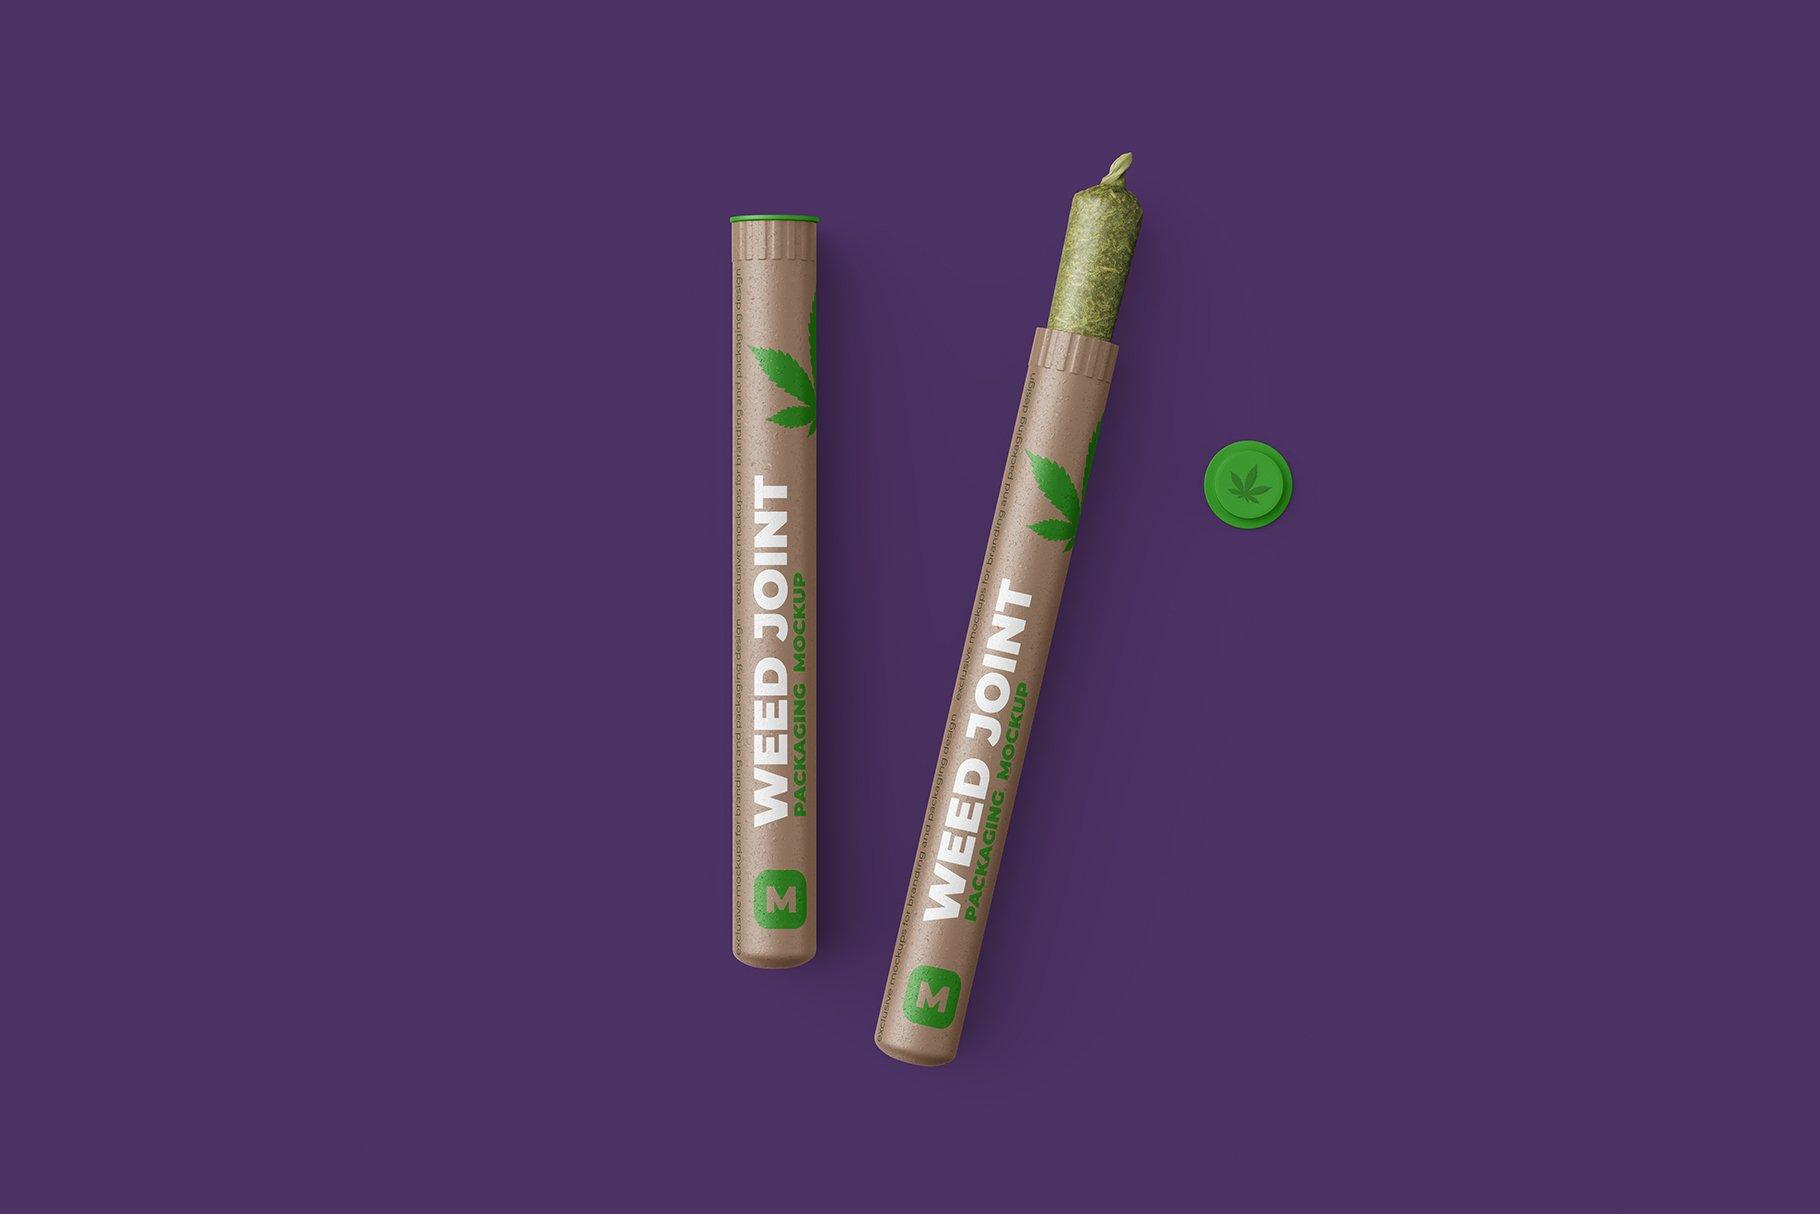 香烟雪茄联合预卷管样机 Weed Joint Pre-Roll Tubes Mockup插图3